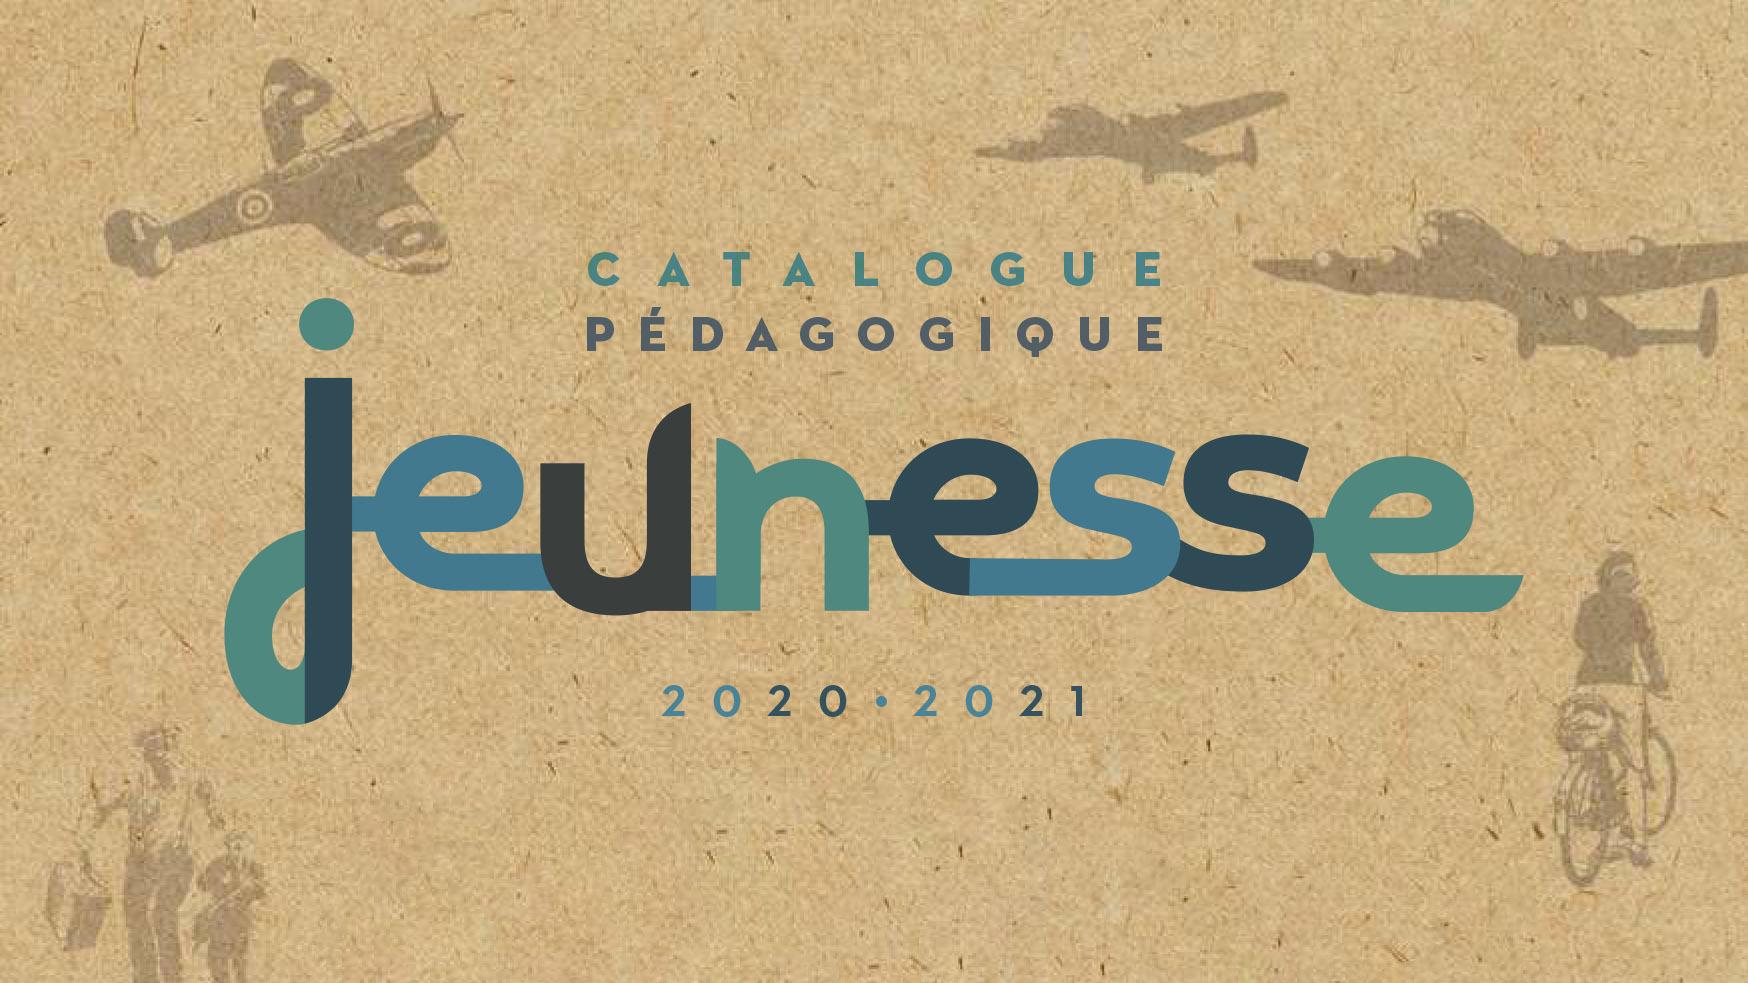 Catalogue pédagagique 2020 - 2021